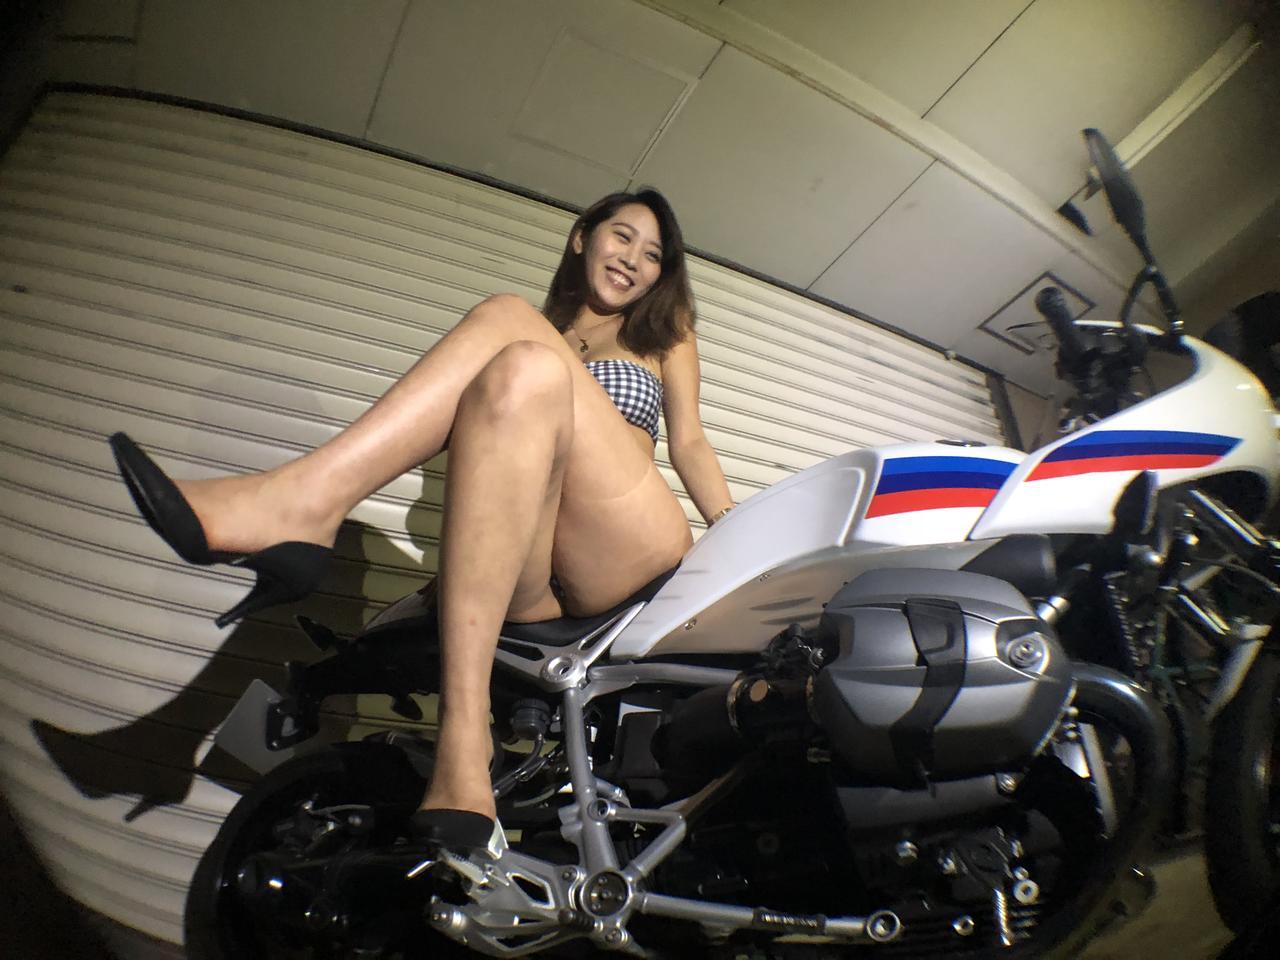 画像 : 5番目の画像 - 「【Beauty & Bike】AYAKAとR nineT Racer vol.18」のアルバム - LAWRENCE - Motorcycle x Cars + α = Your Life.